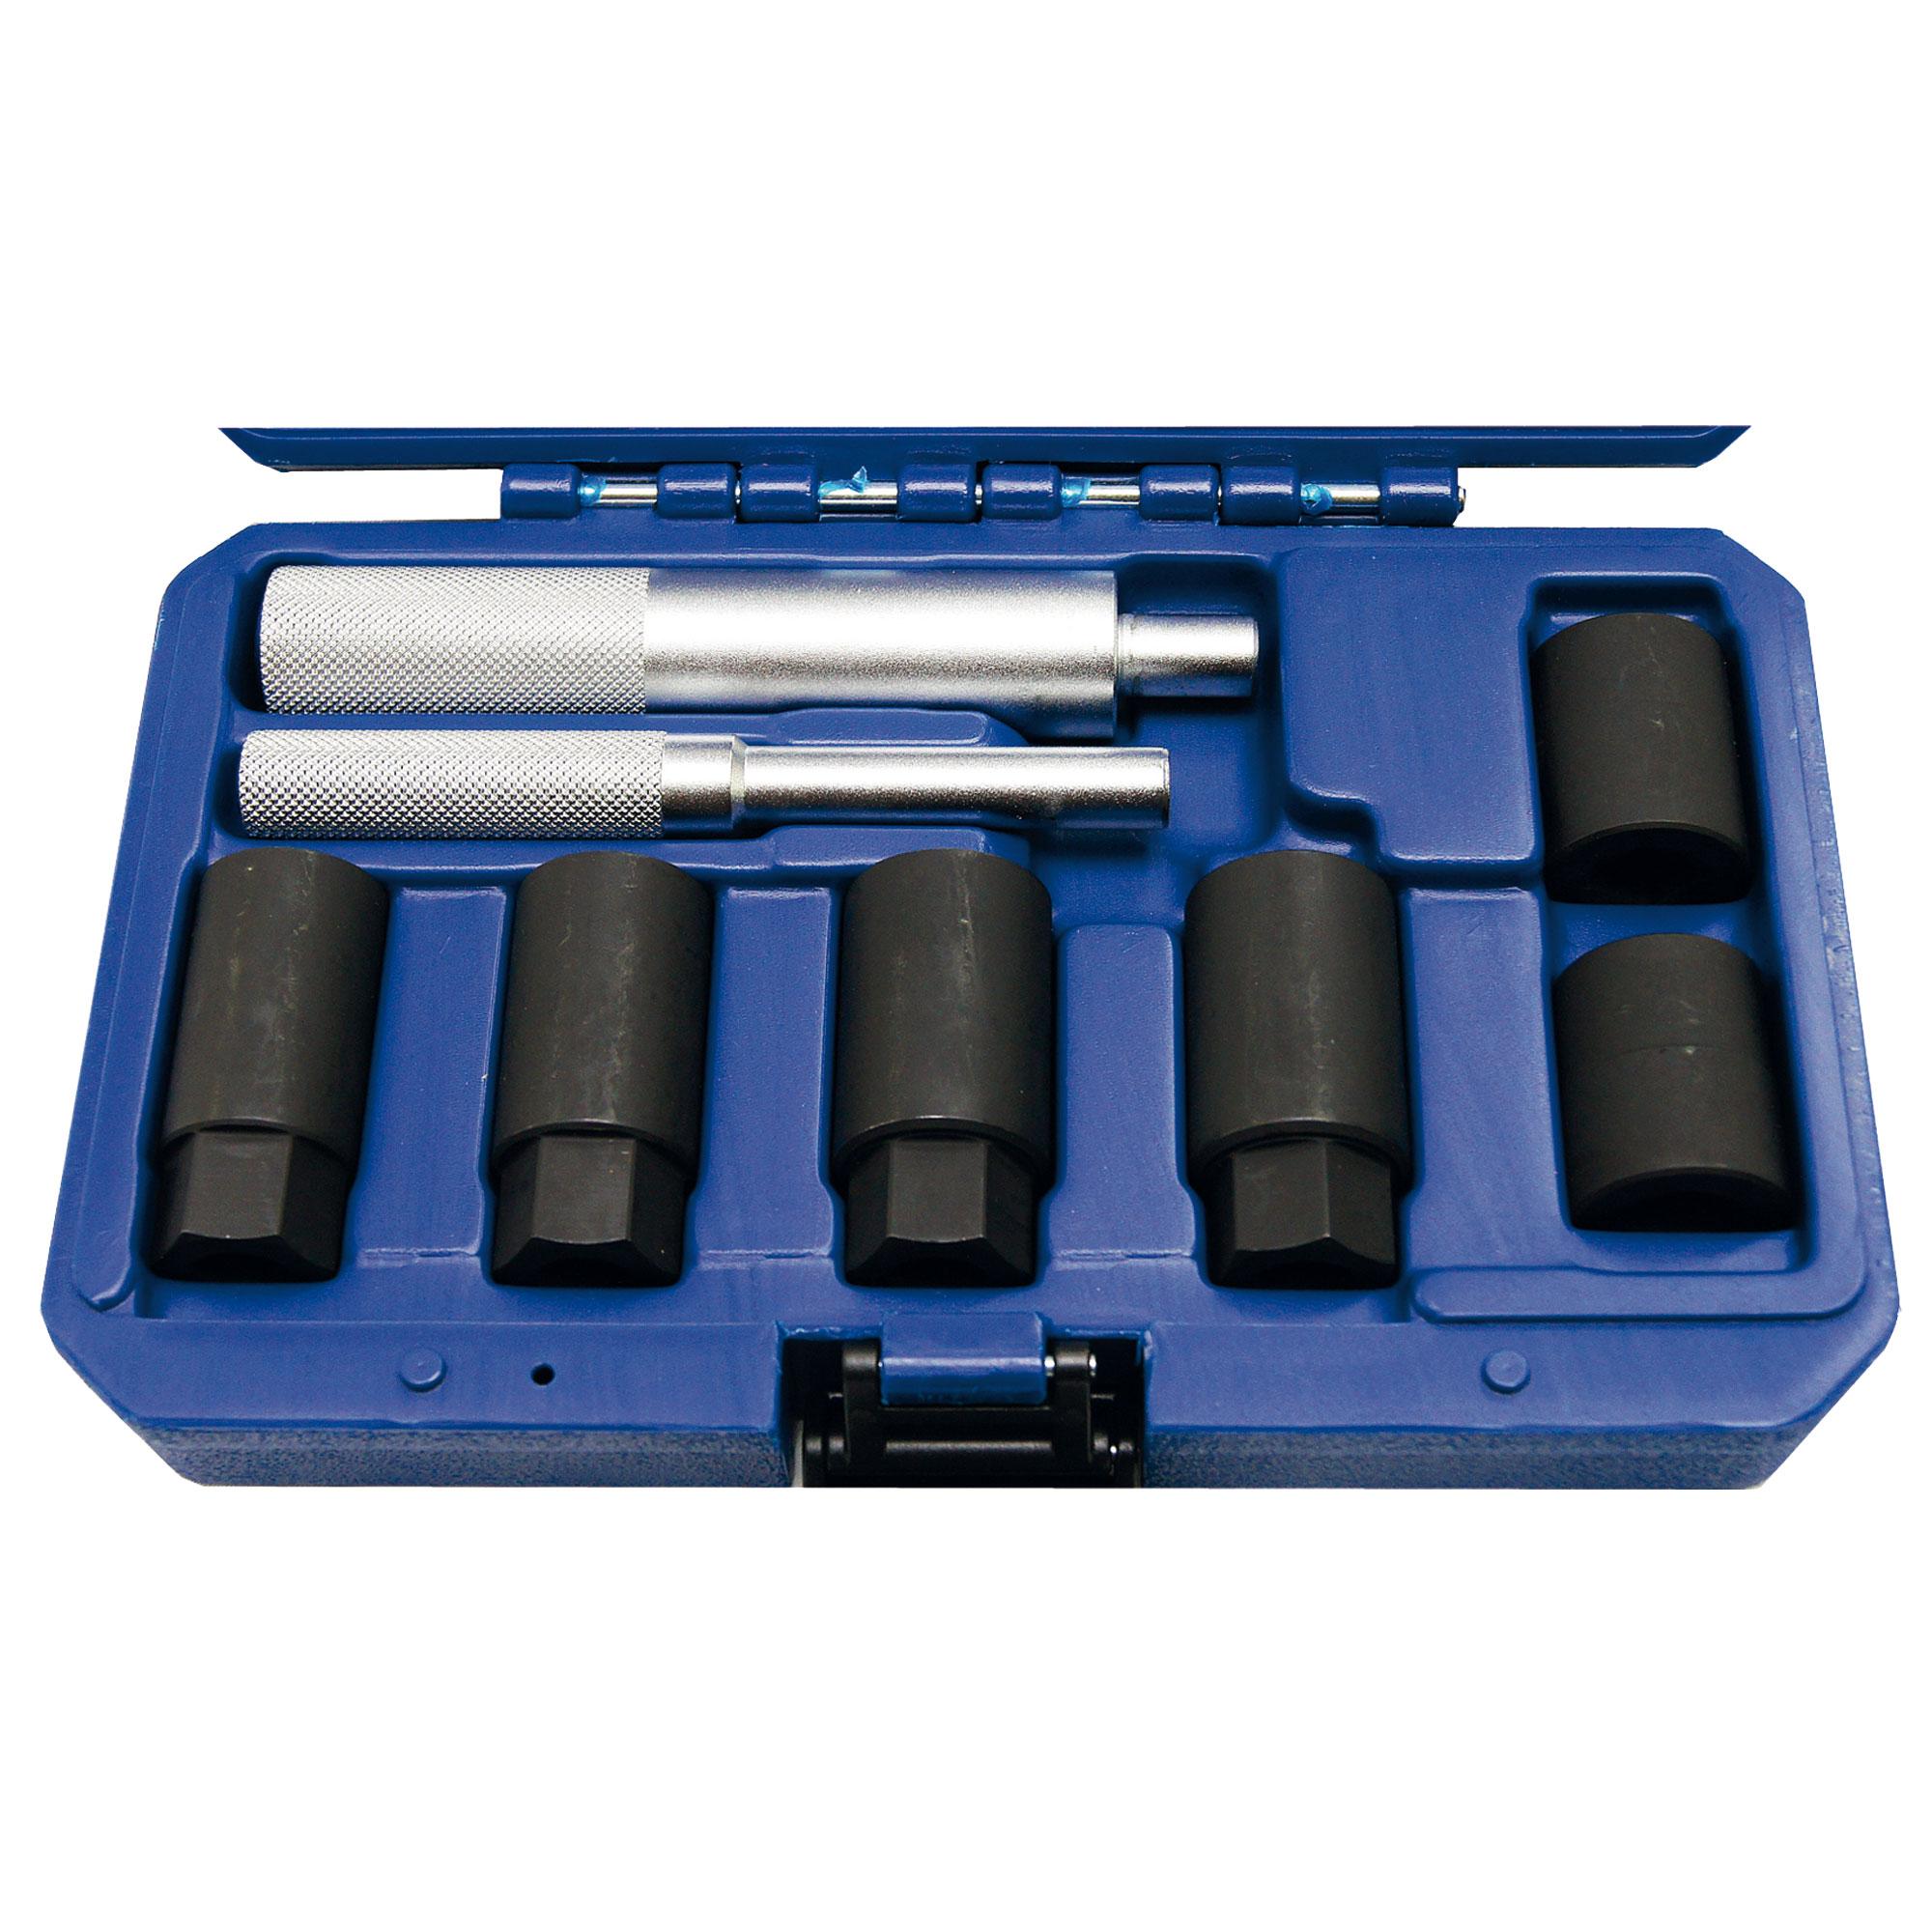 Felgenschloss-Lösewerkzeugsatz, komplett, 8-tlg.